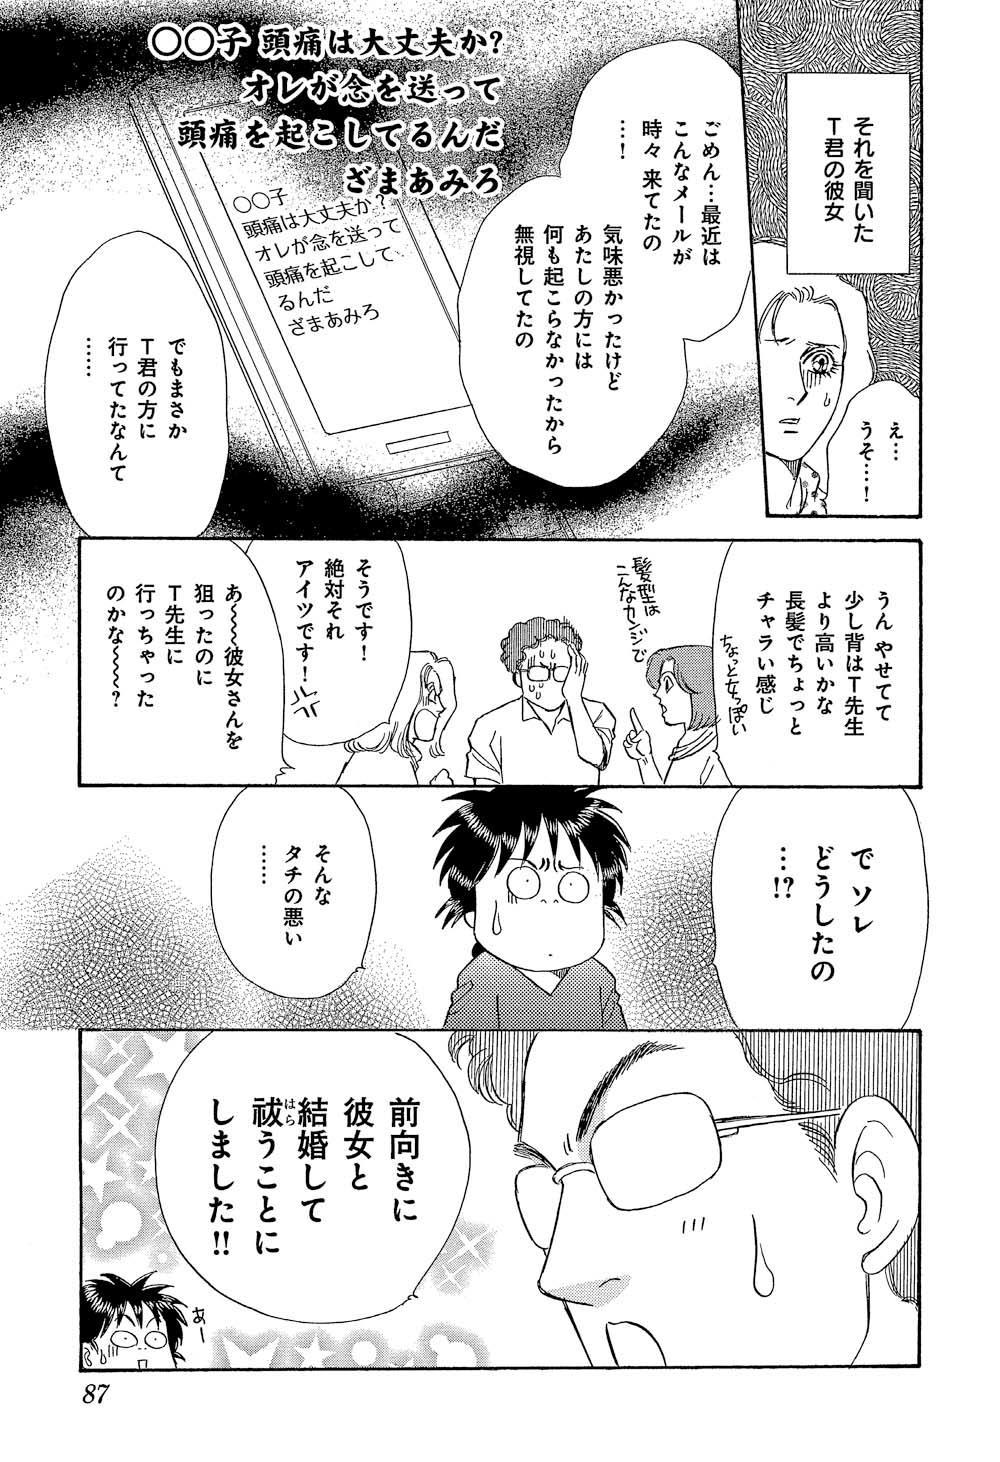 オカルト万華鏡01_086.jpg